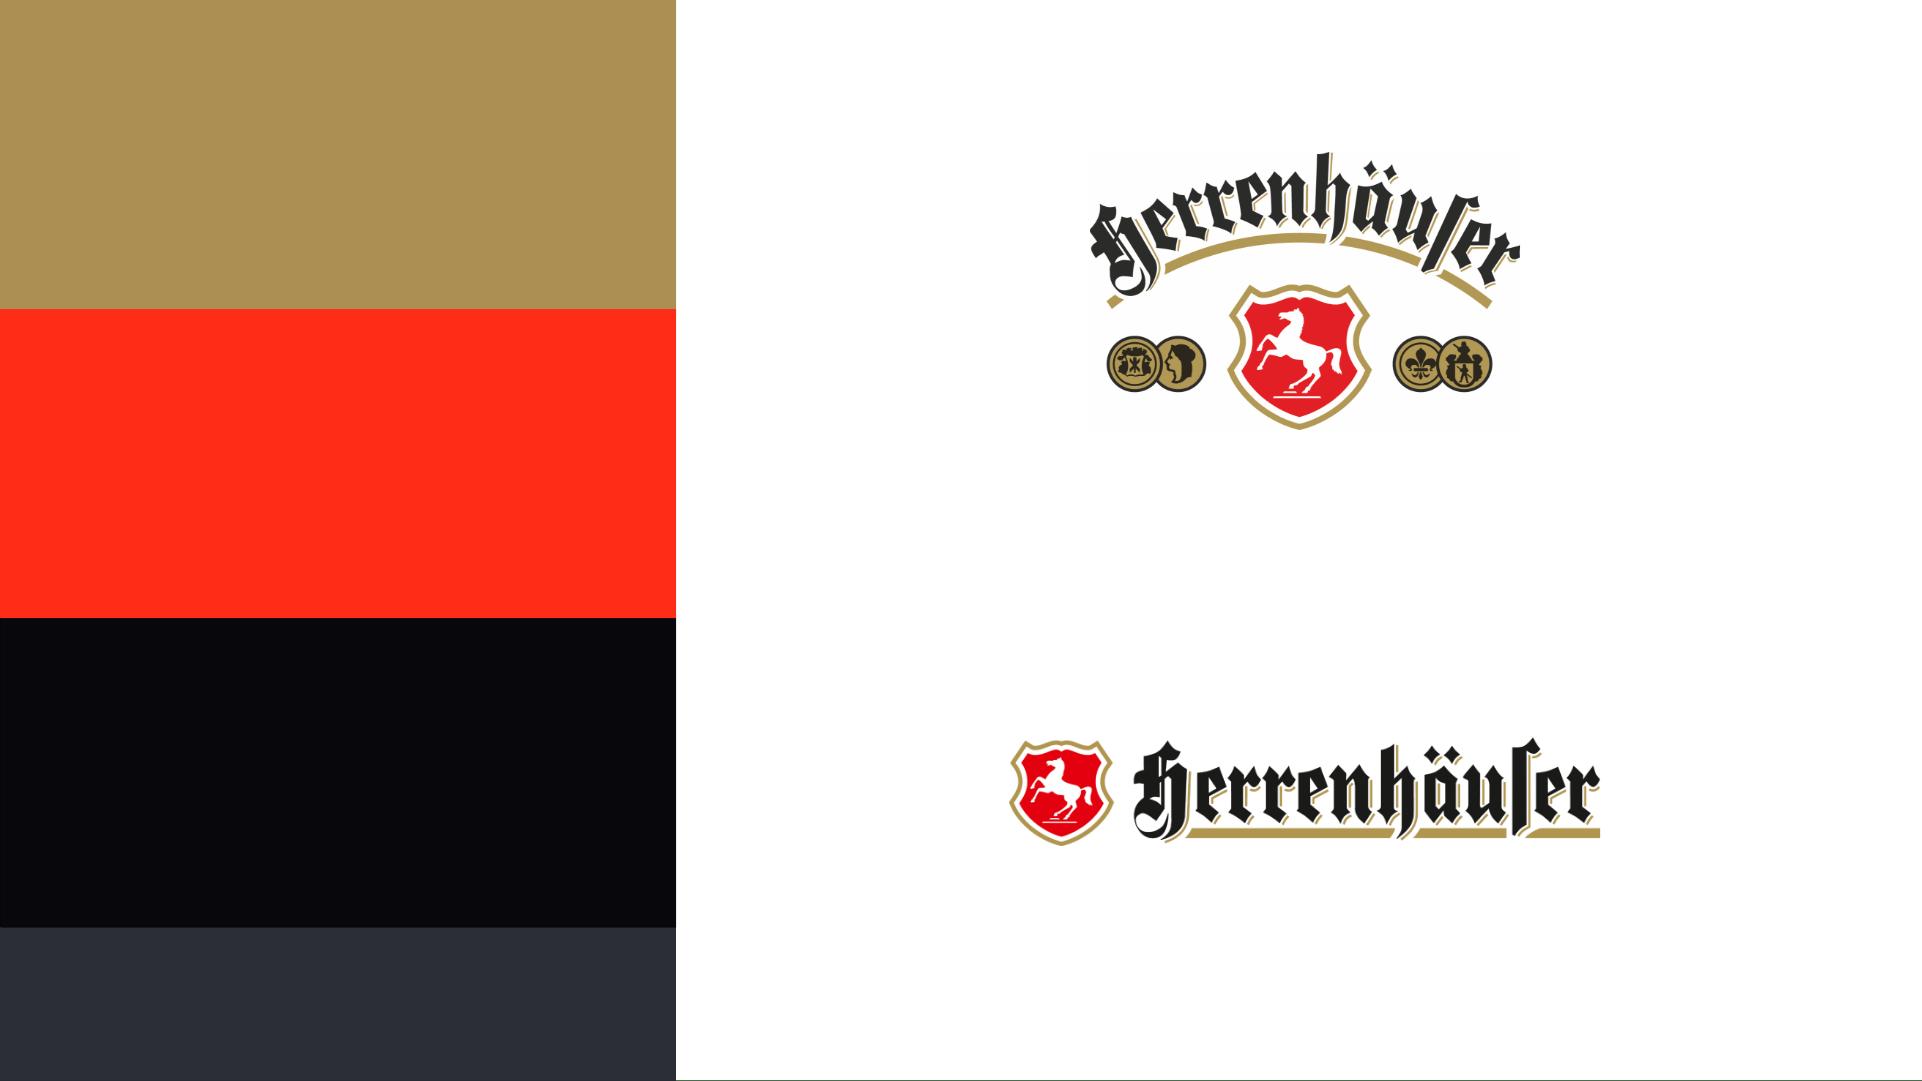 Herrenhäuser Brauerei Logos und Farben